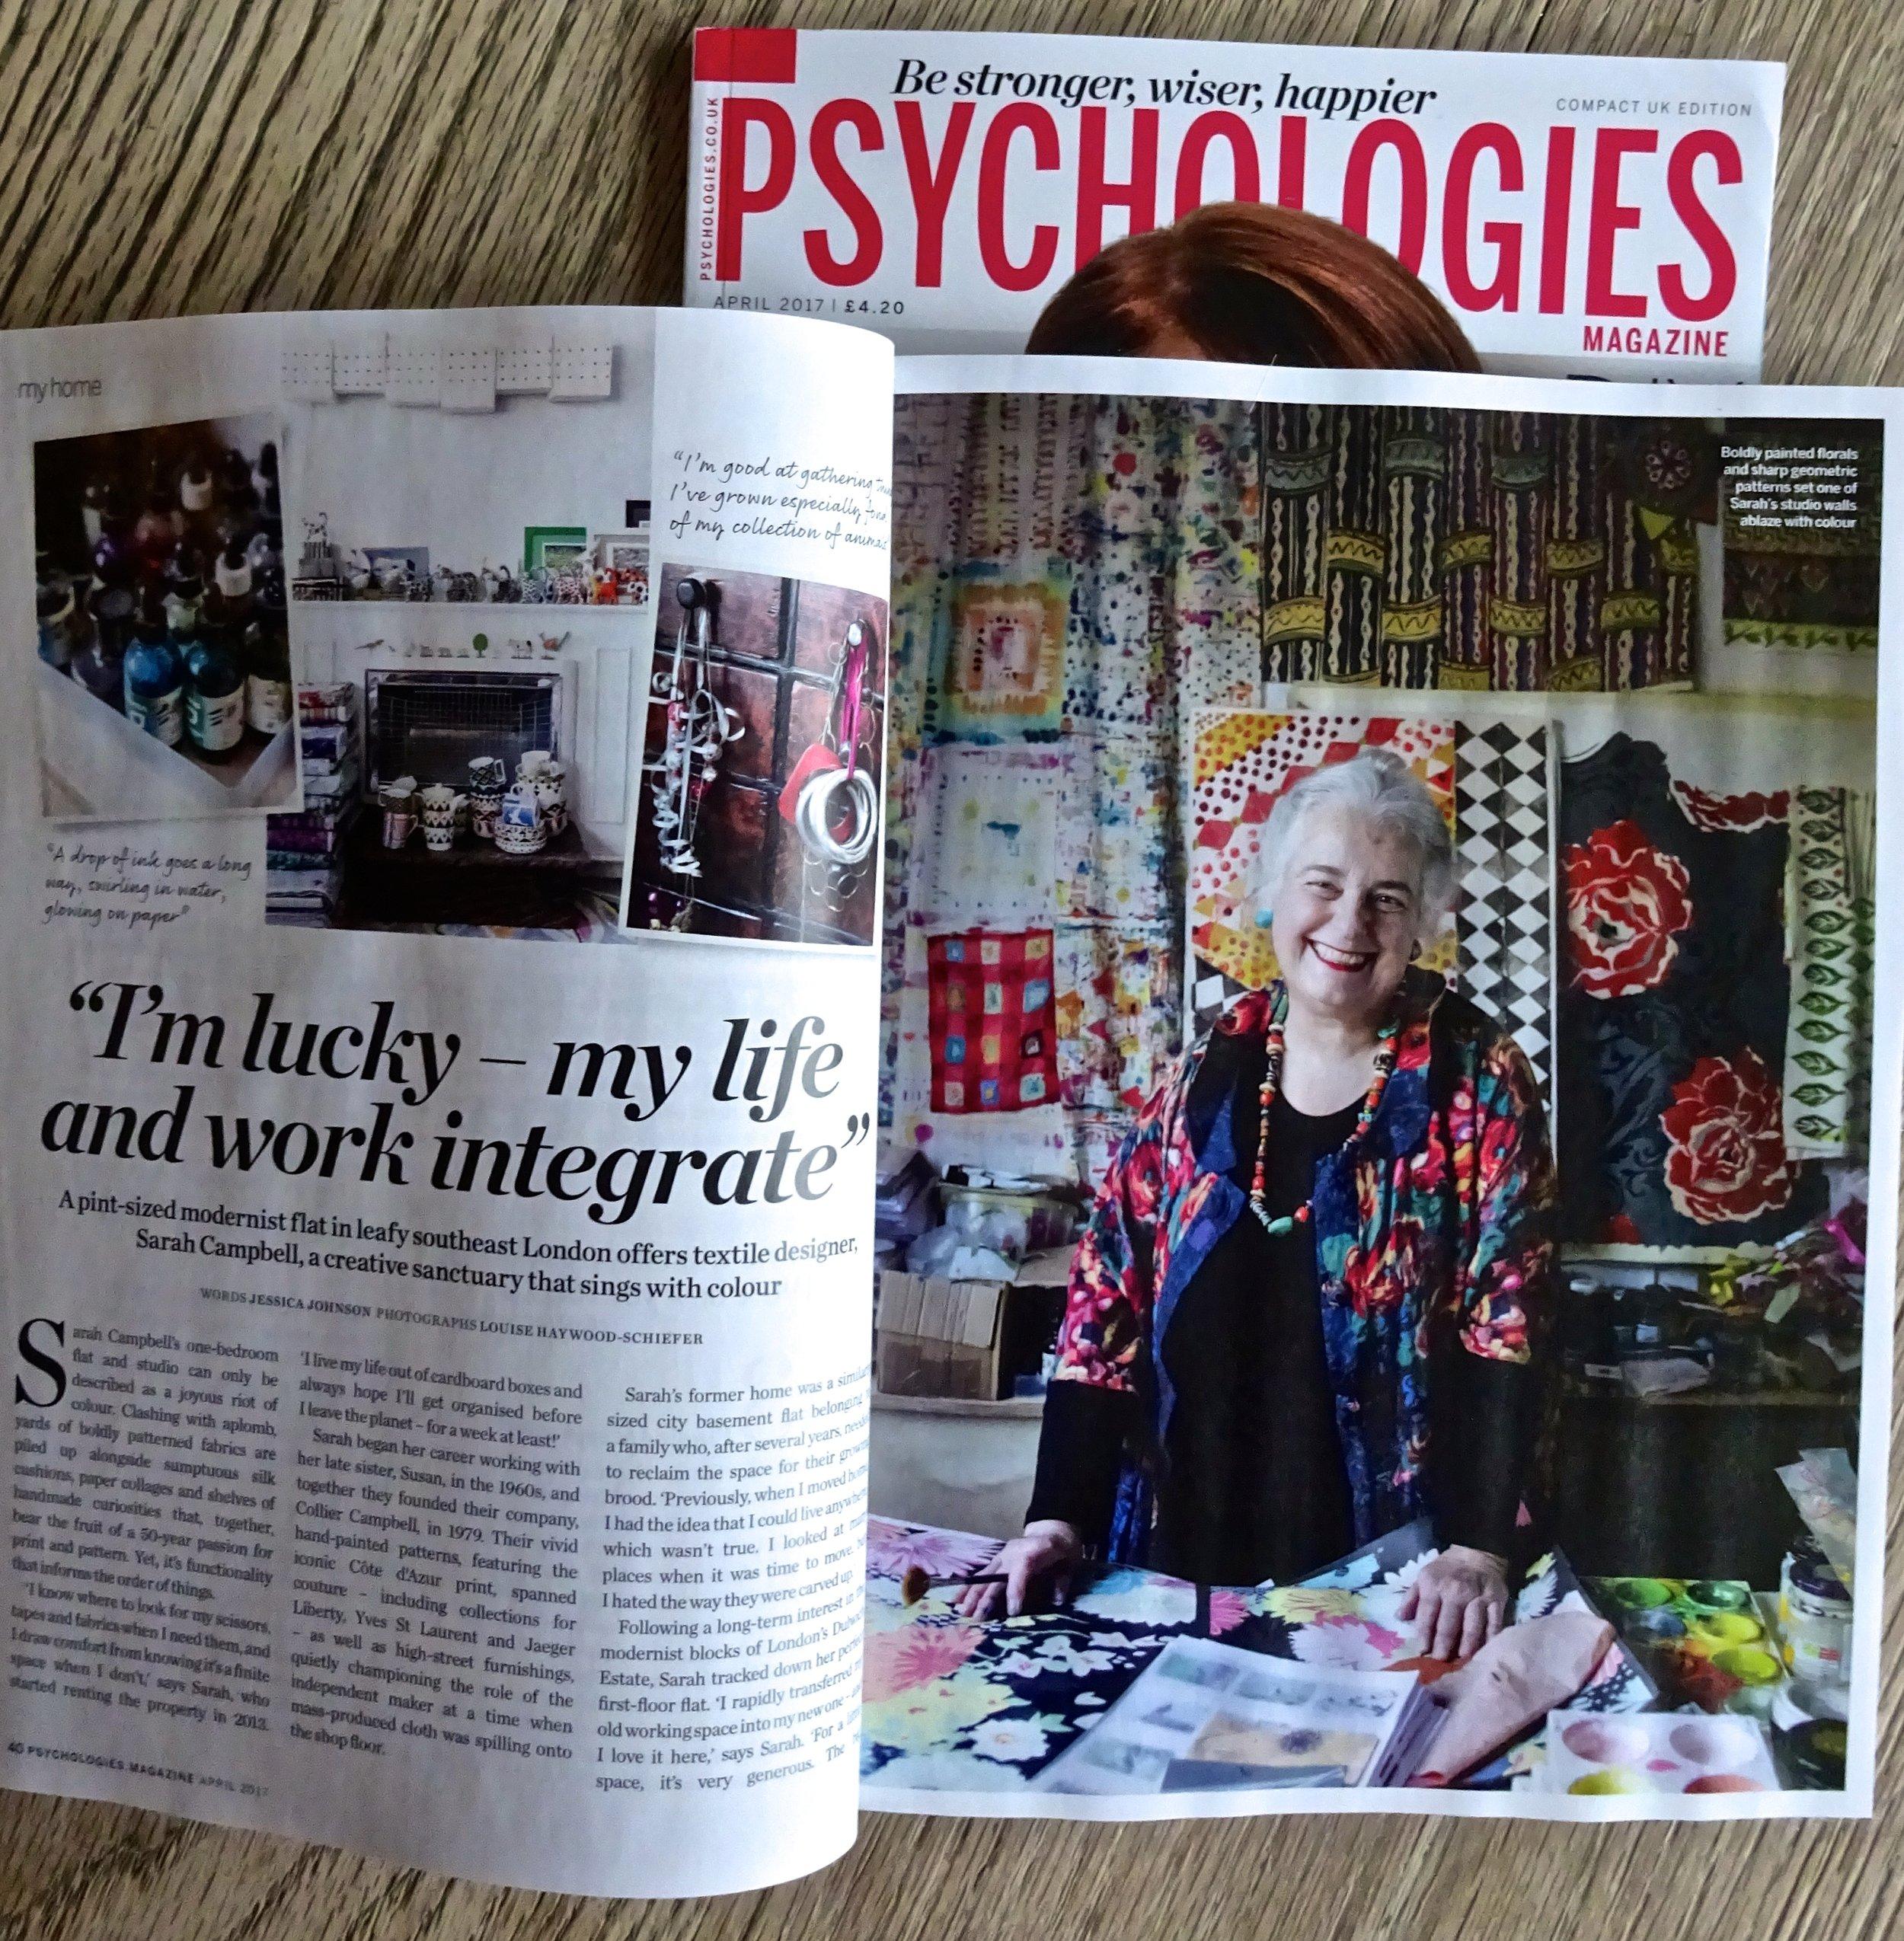 Psychologies, February 2017